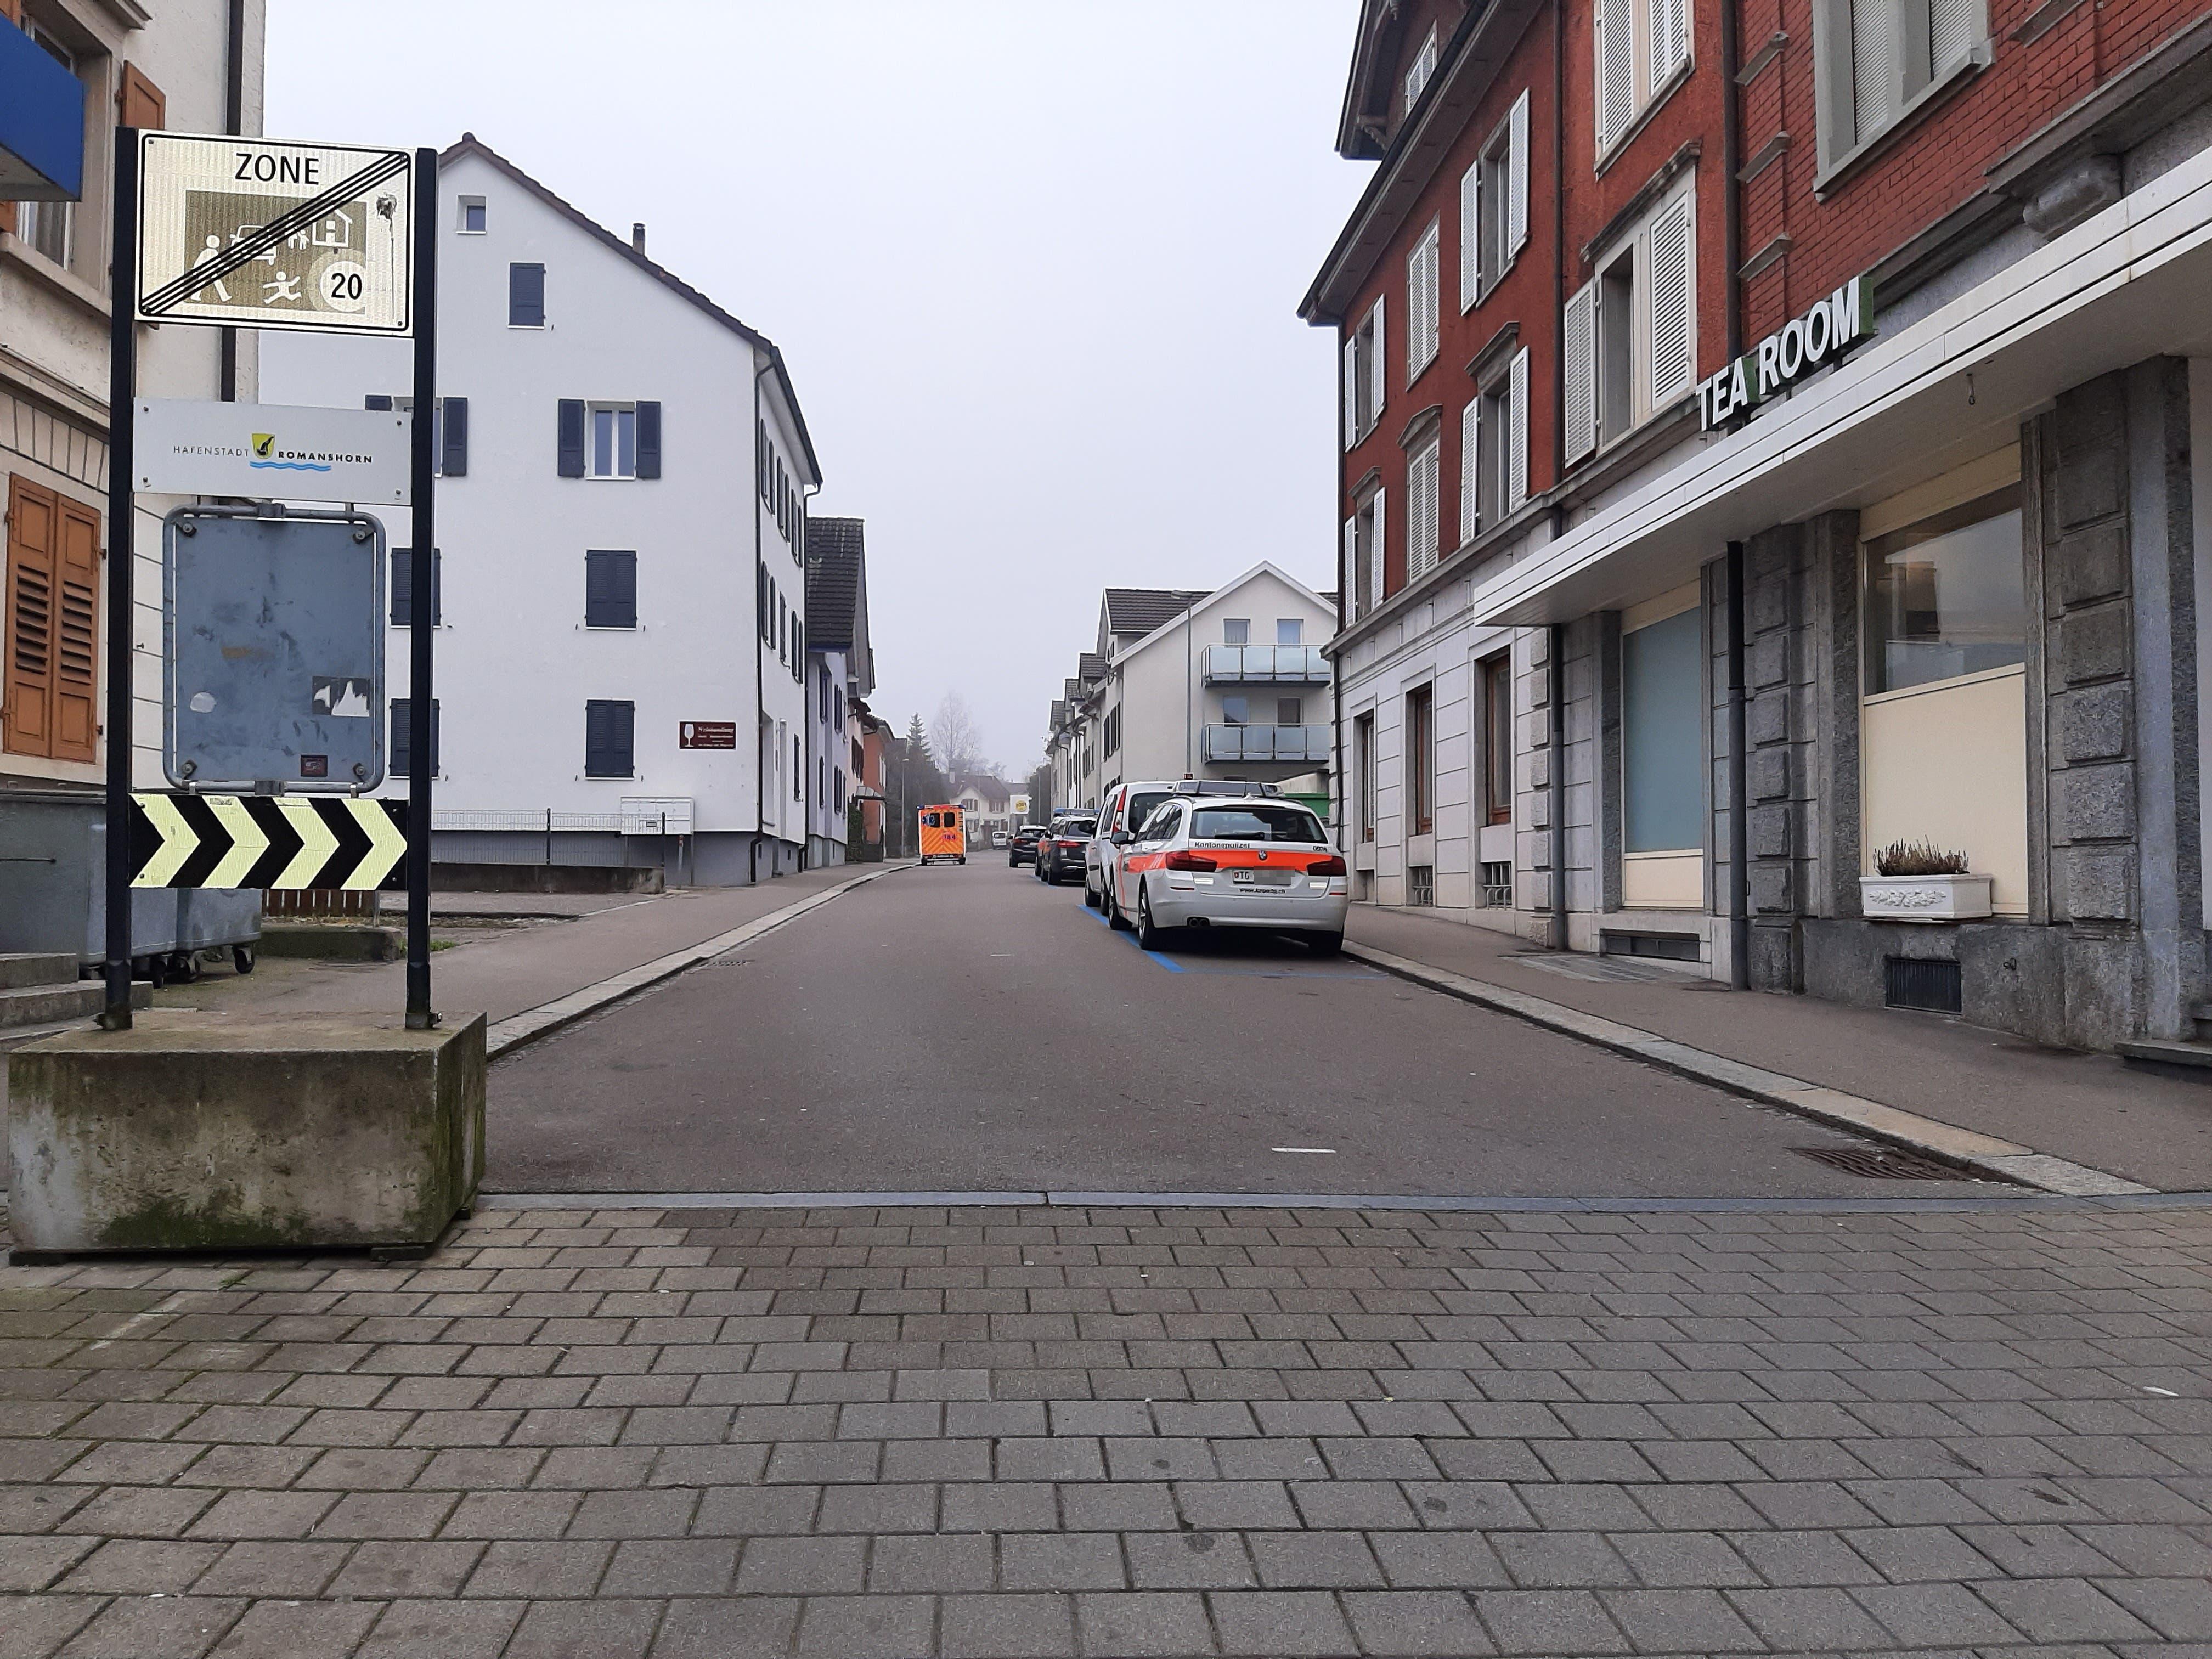 Aufregung in Romanshorn: Bewaffneter irrt sich in der Haustür und verschwindet wieder – später verhaftet die Polizei bei einem Grosseinsatz eine Person | St.Galler Tagblatt